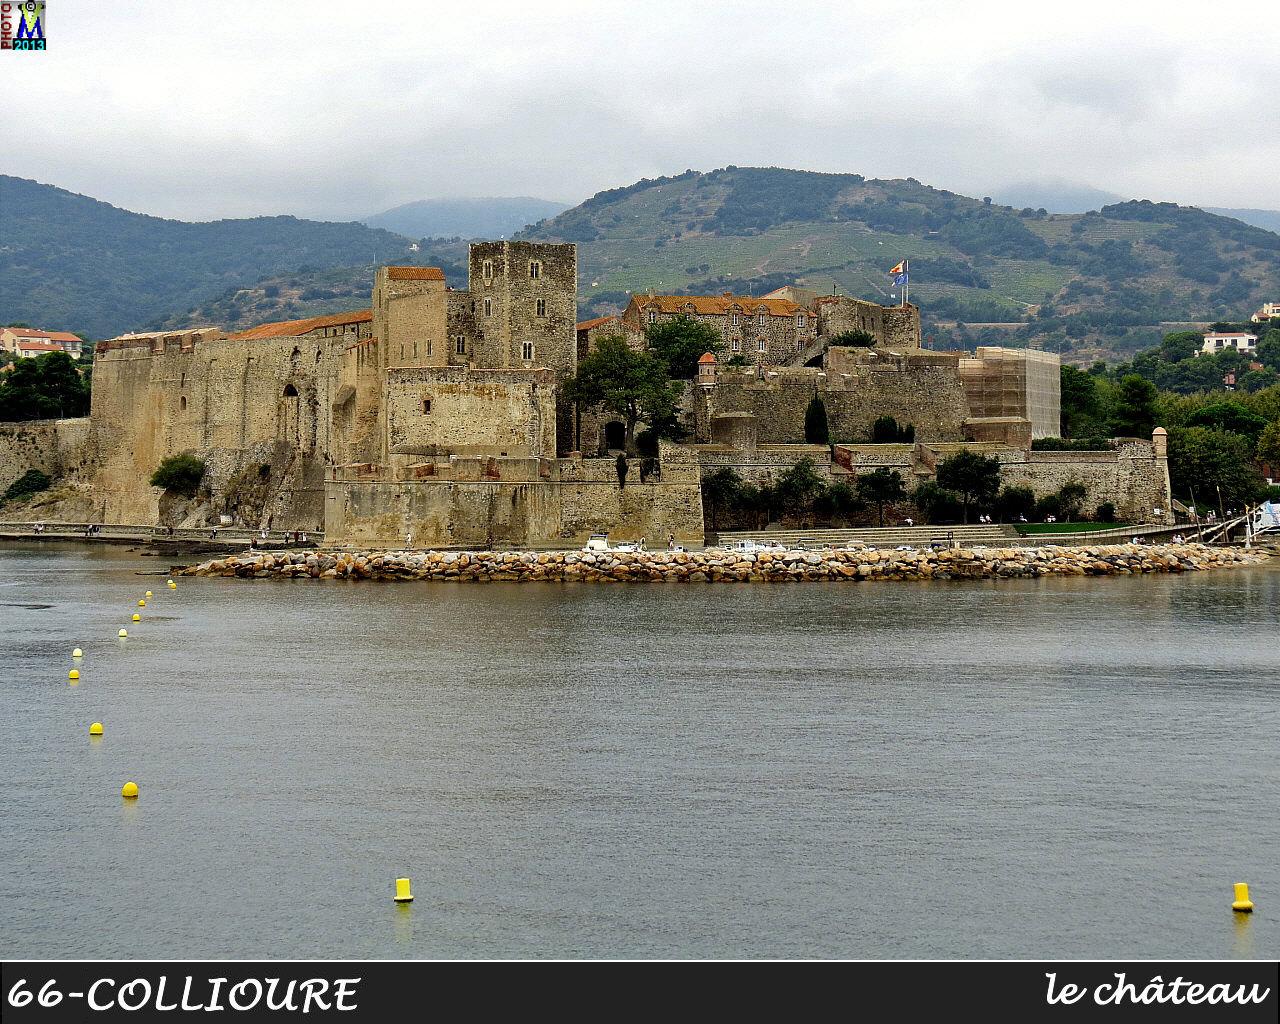 Pyrenees orientales photos de la commune de collioure - Chateau de collioure ...